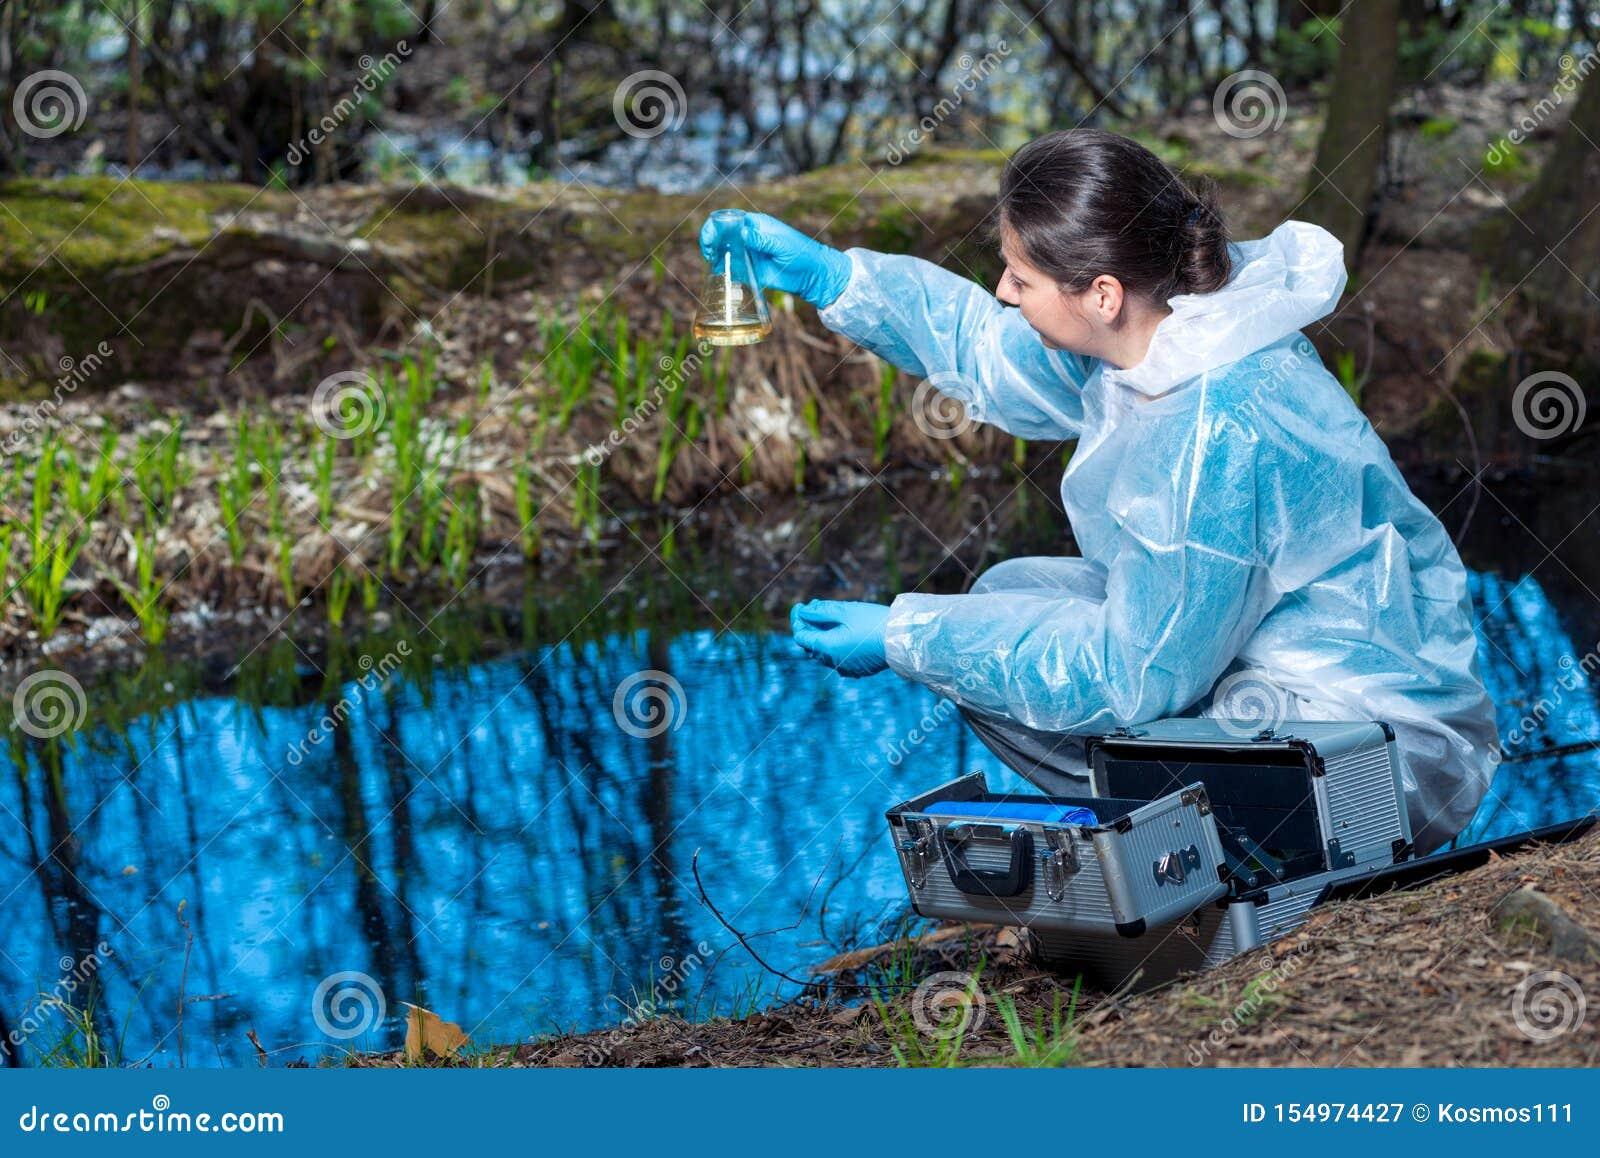 Watersteekproef van een bosrivier in een fles in de handen van een ecologist